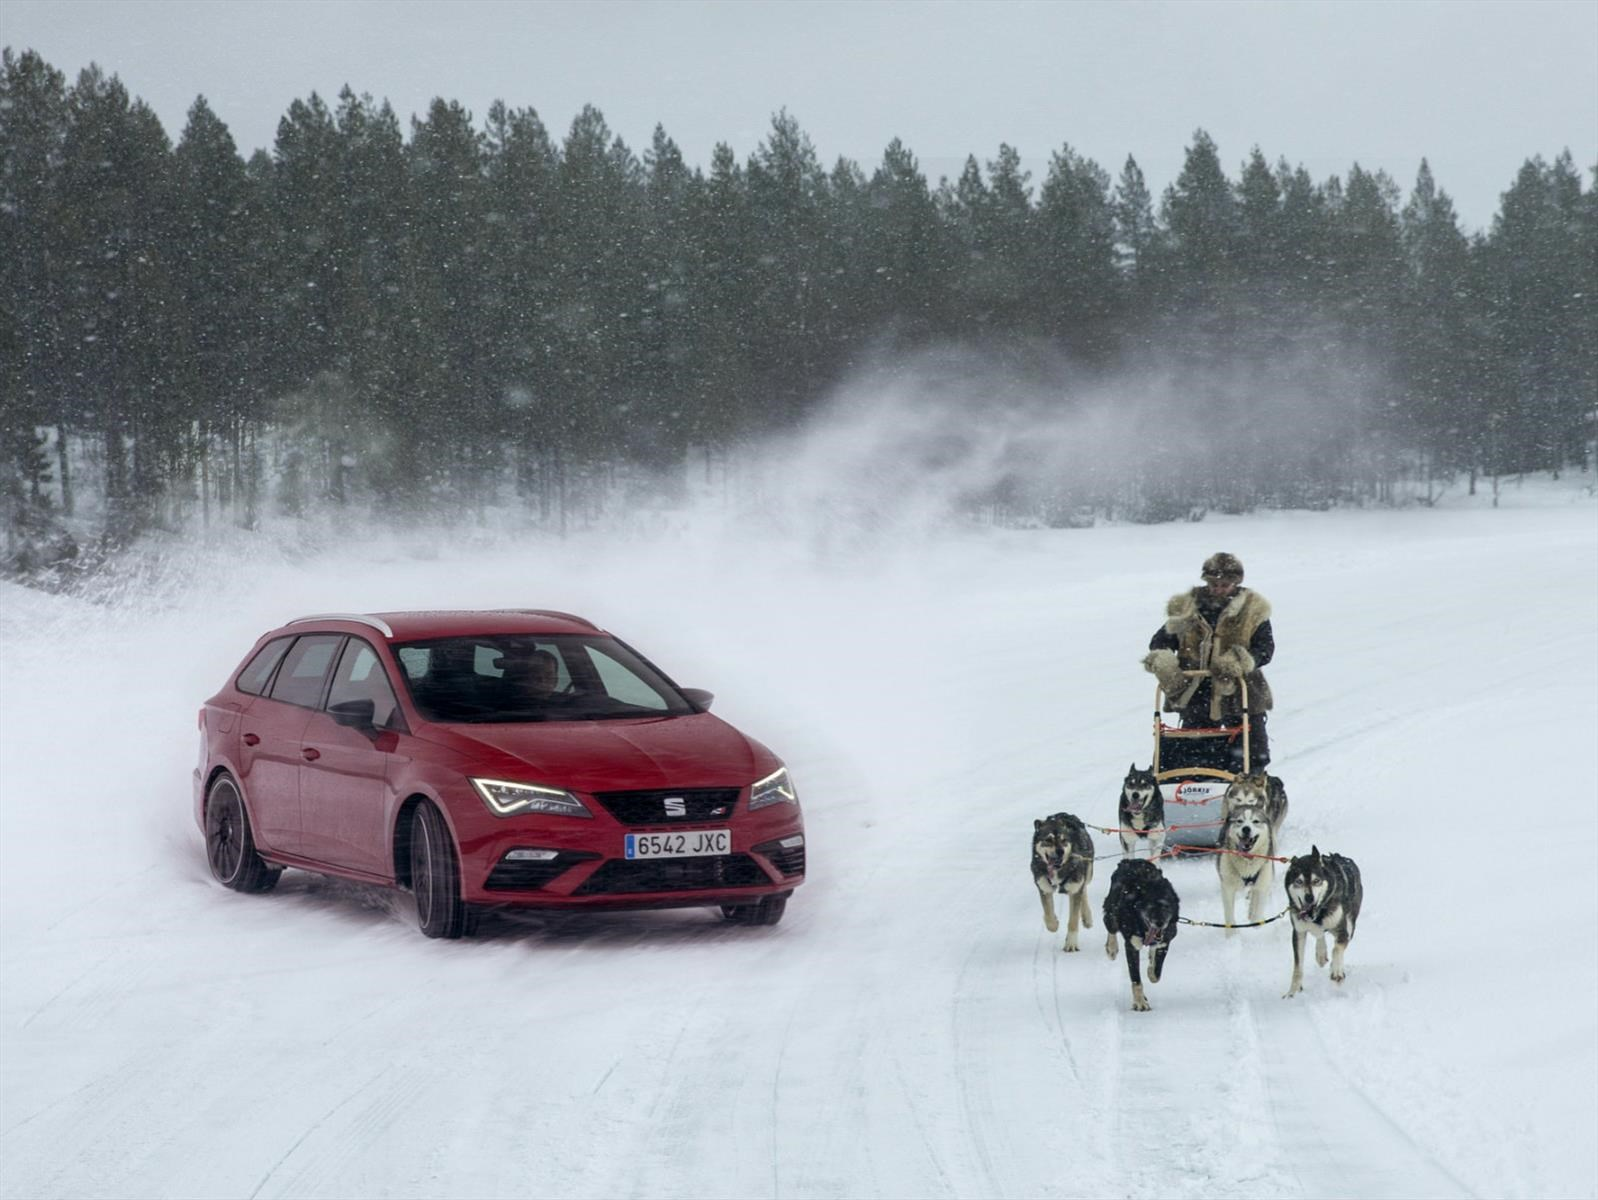 Un León contra seis perros en la nieve ¿Quién gana?